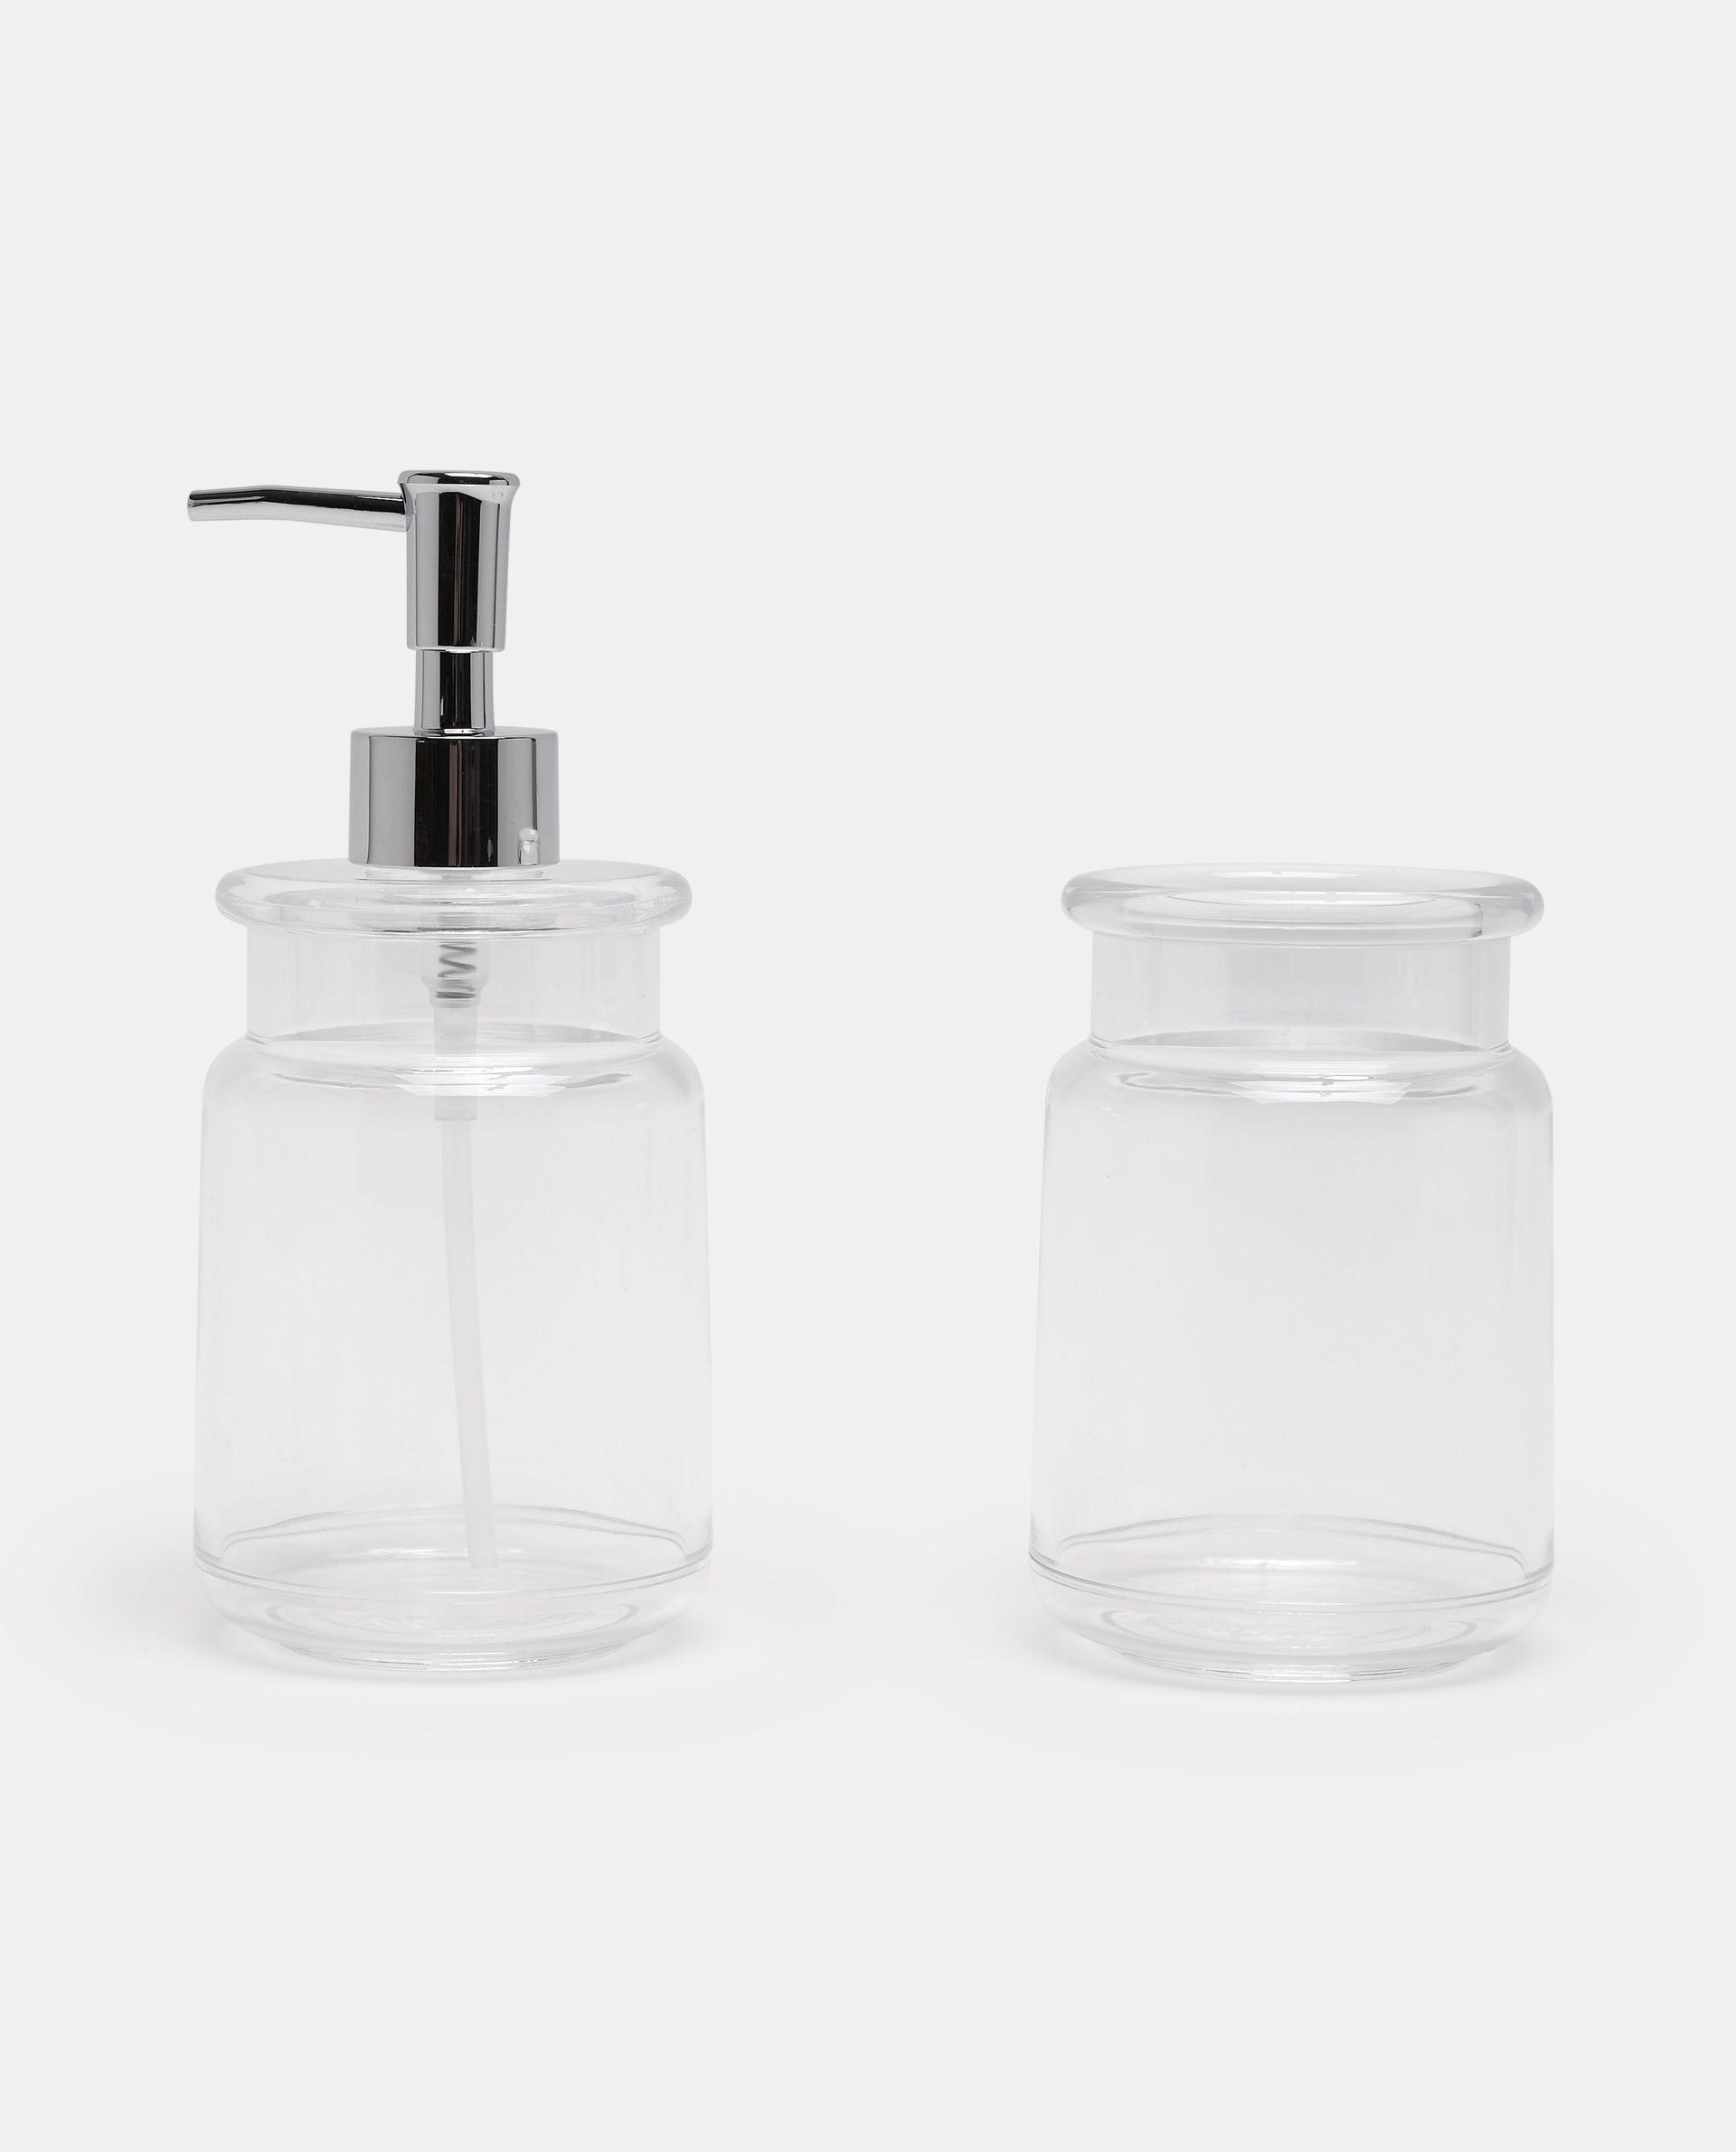 Set due accessori per il bagno